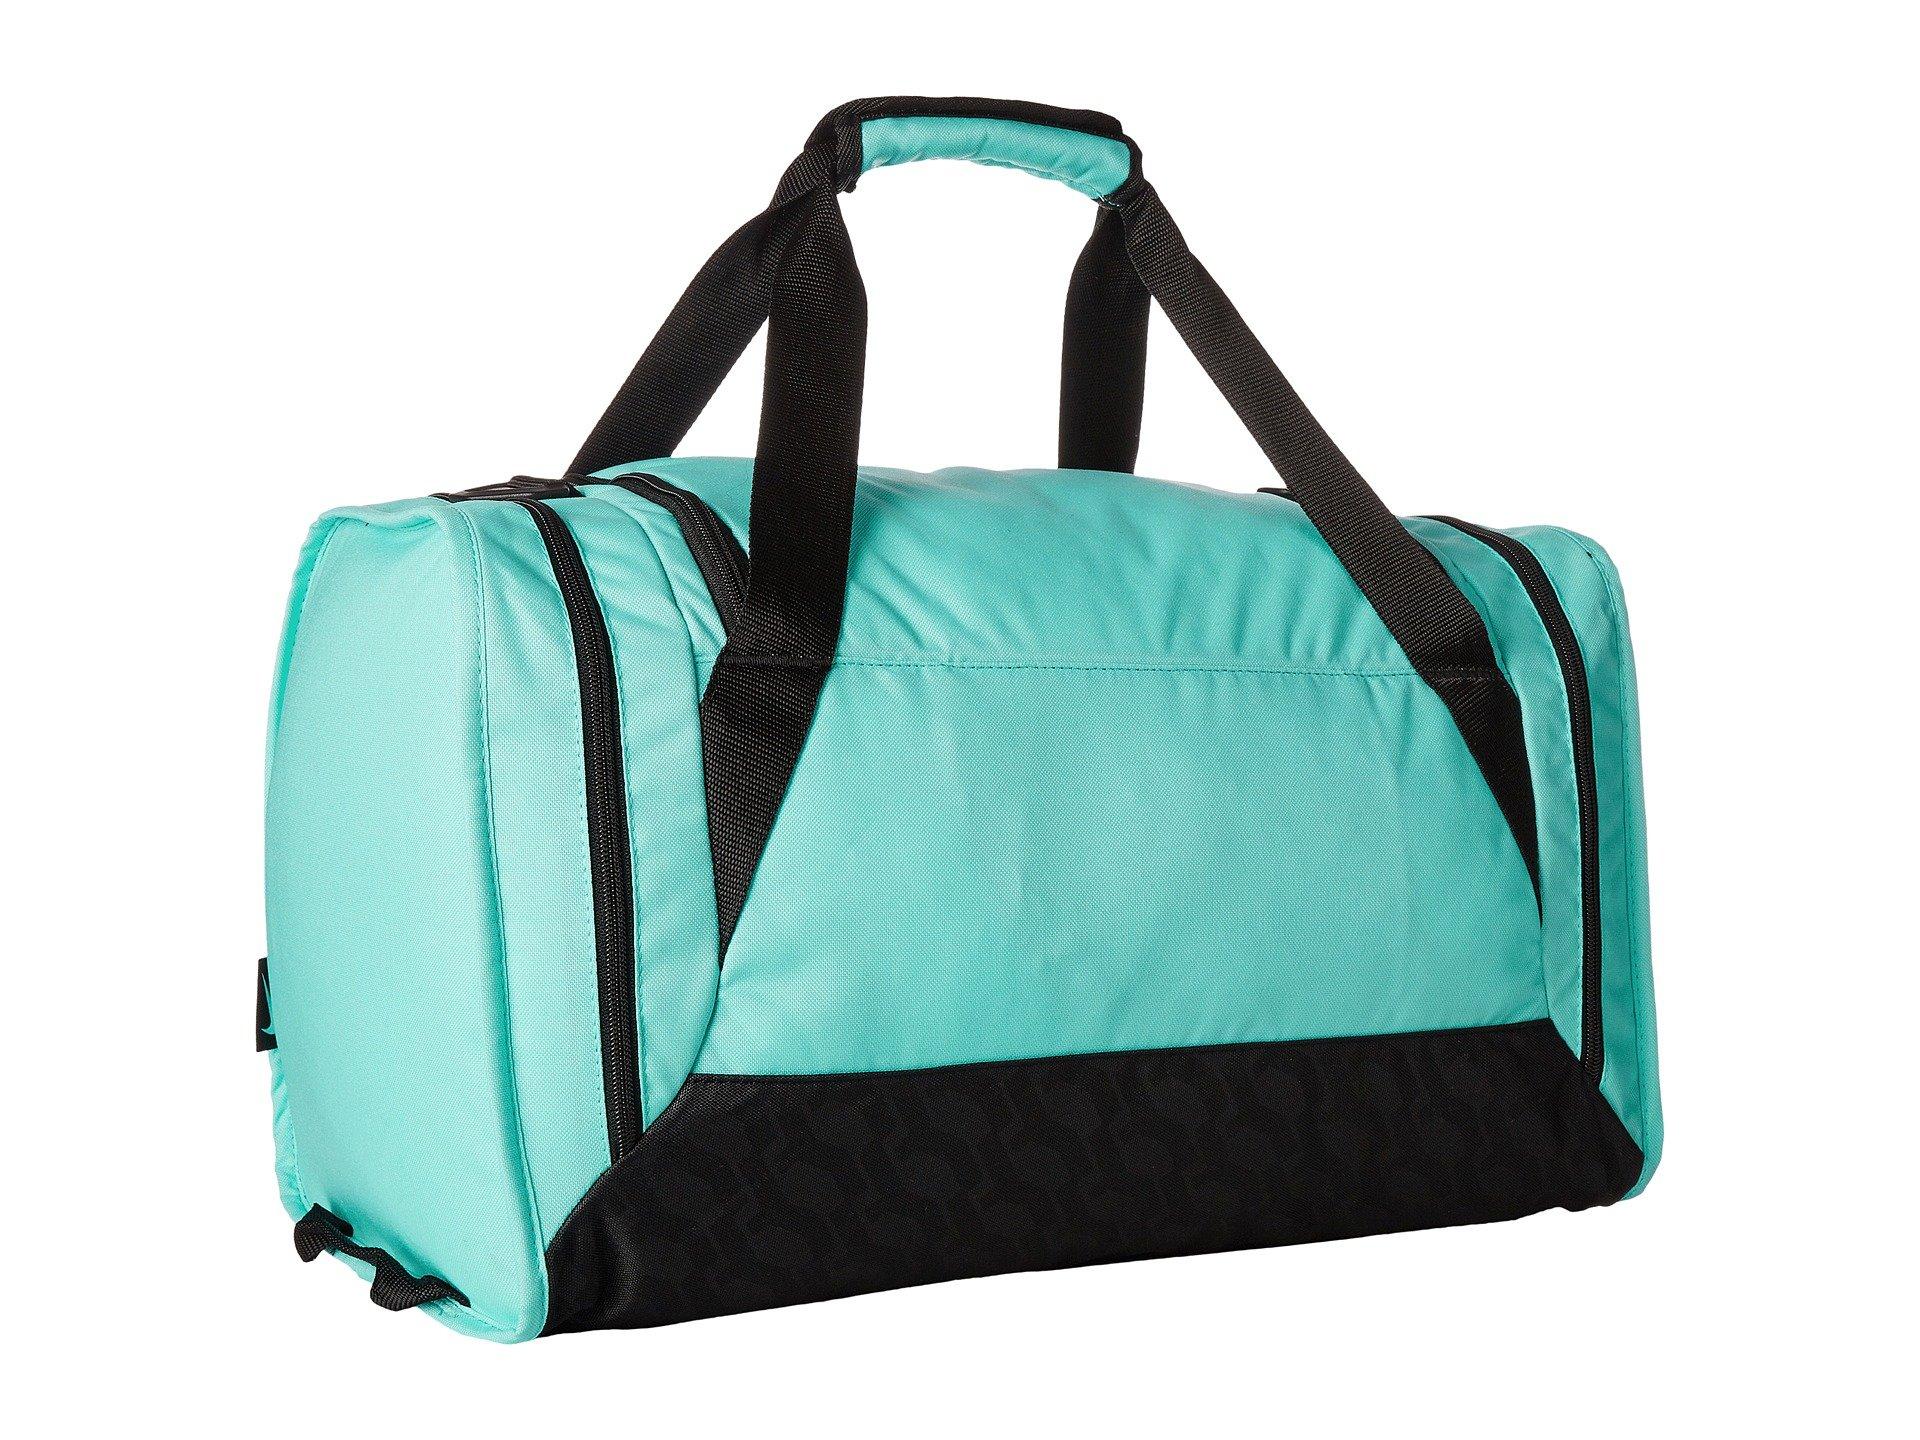 Lyst - Nike Brasilia 6 Duffel Small in Blue 6a2bf5044ec0b